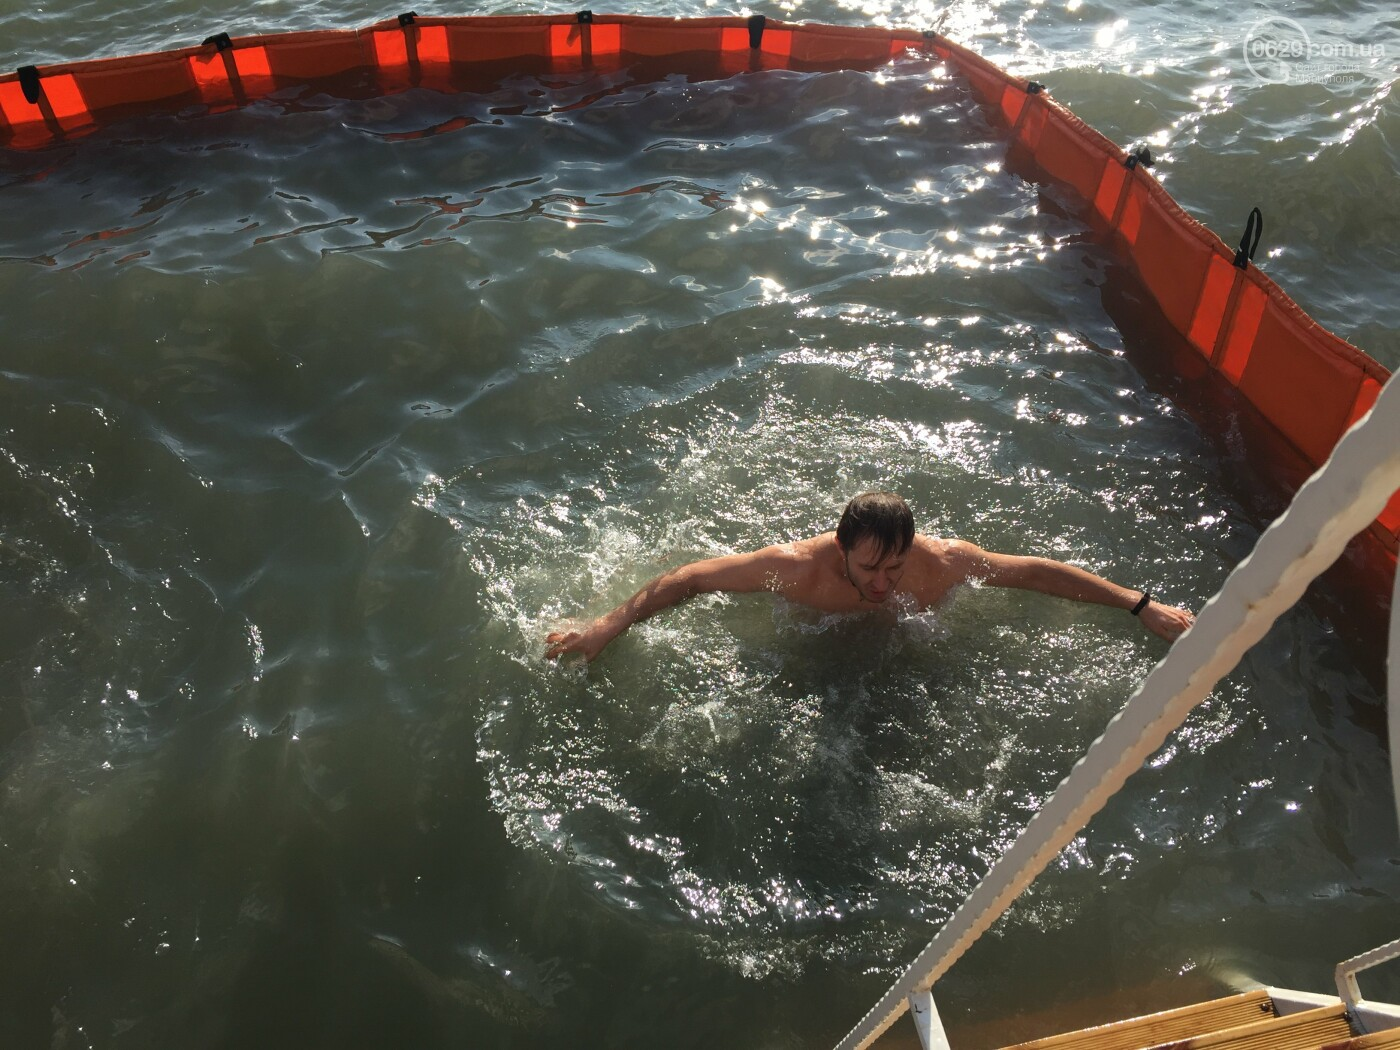 В Мариуполе массово отмечают Крещение, -ФОТО, фото-5